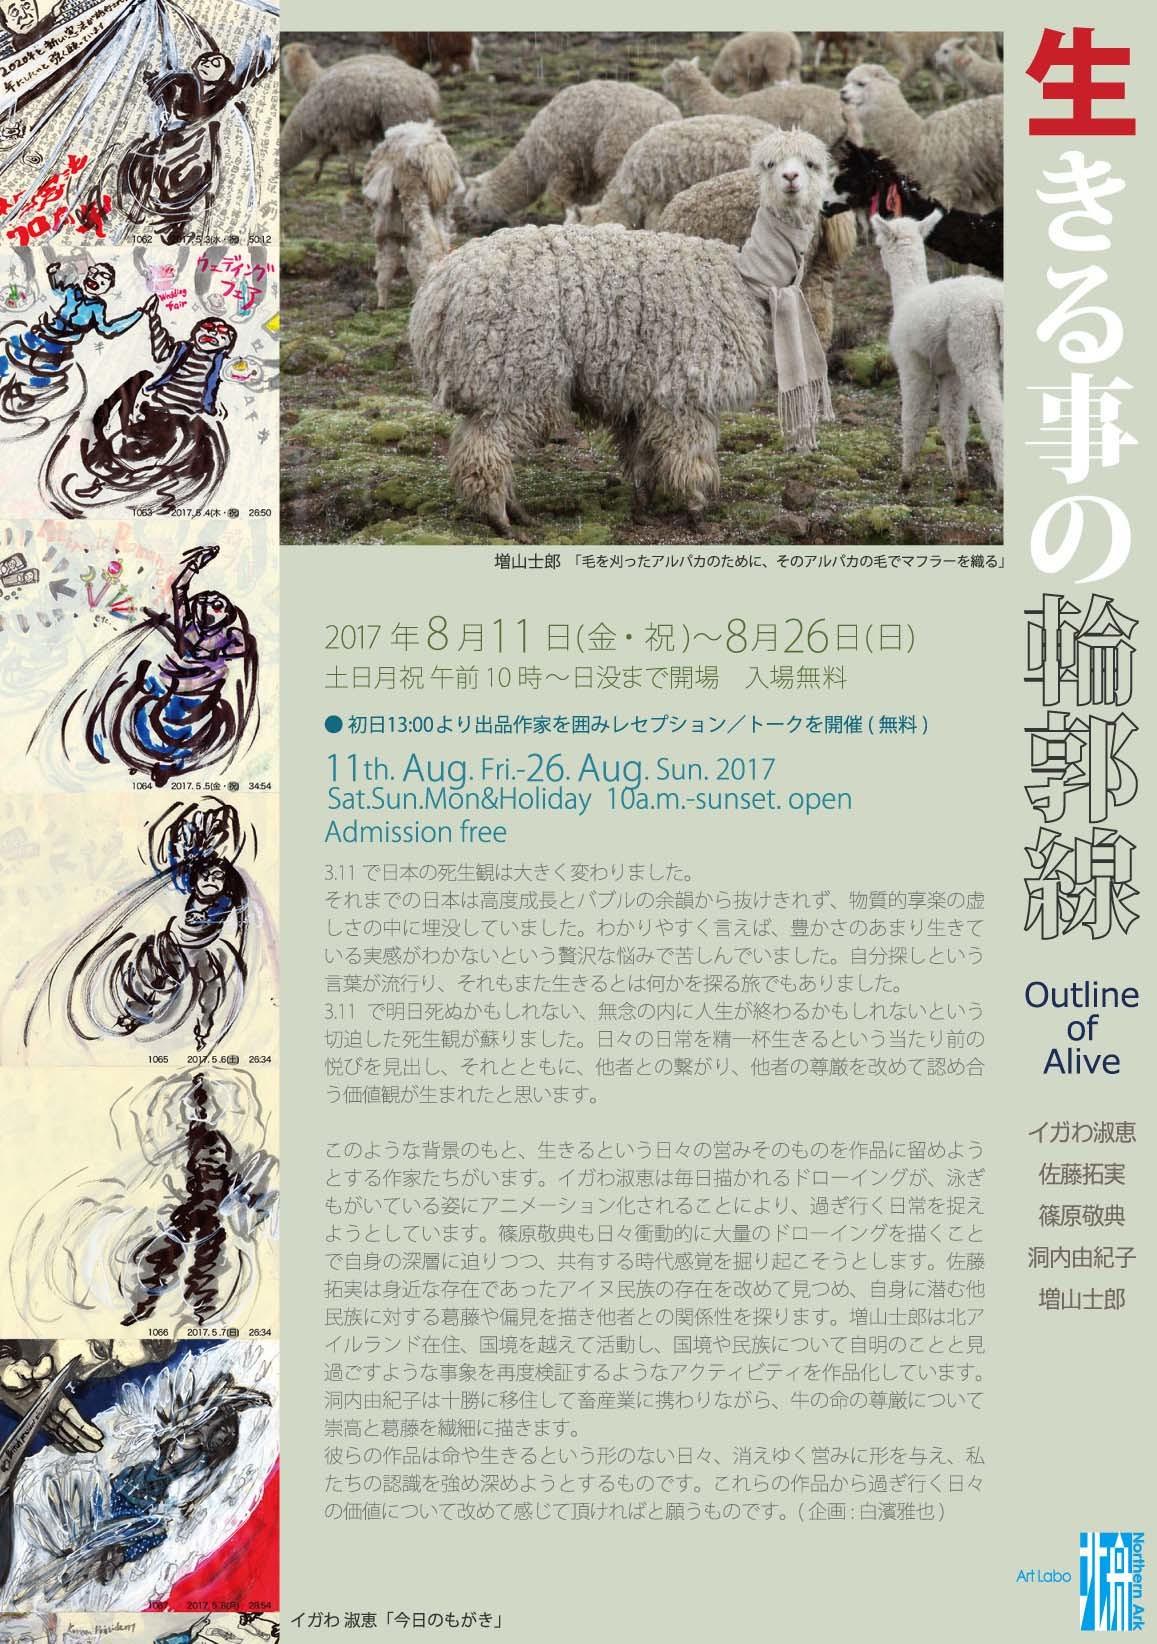 Art Labo 北舟 再開記念展「生きる事の輪郭線」_f0185280_21243502.jpg